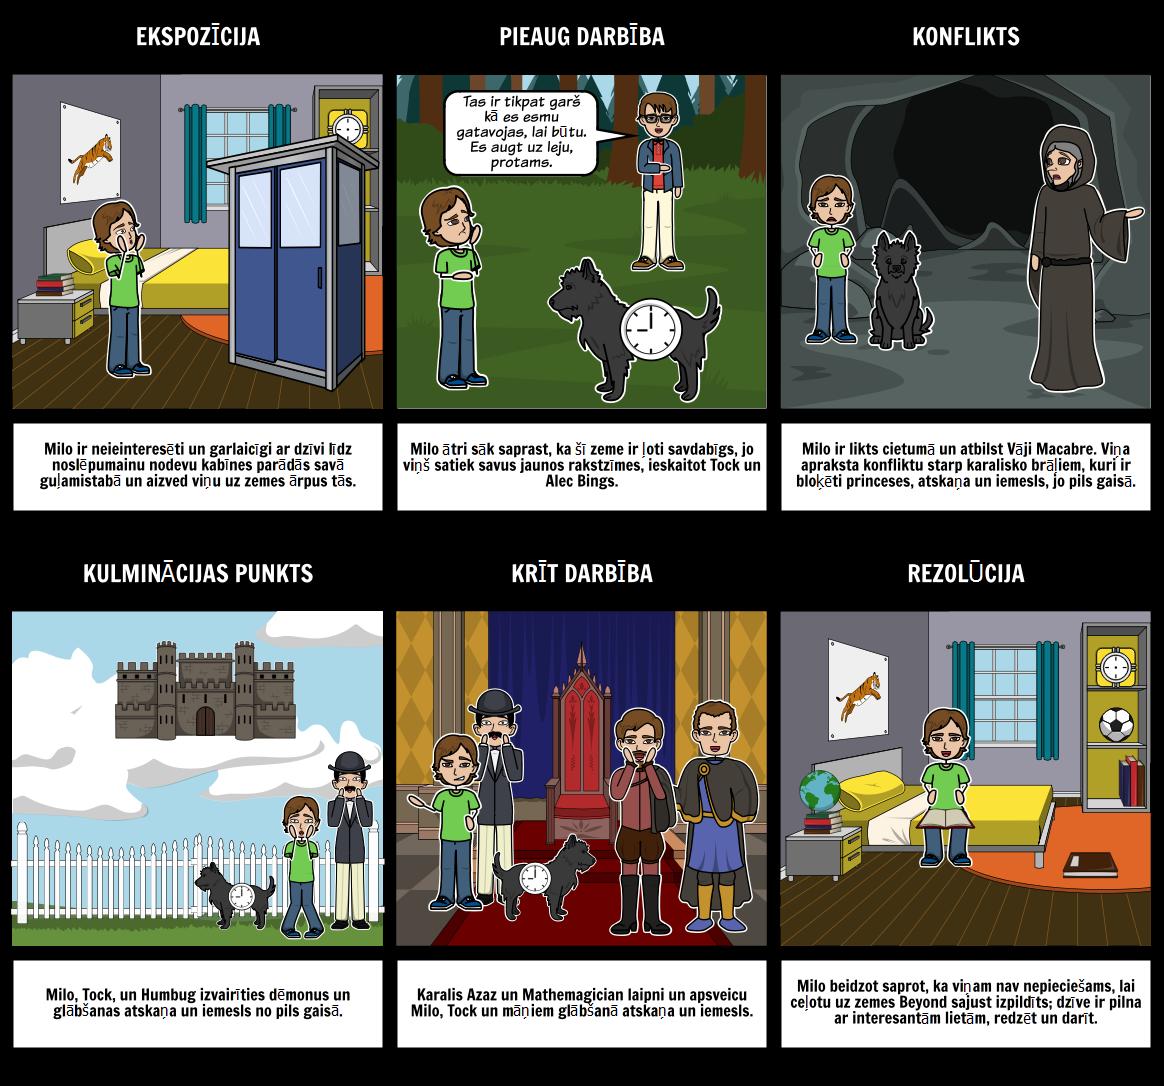 Phantom Nodevu Kabīnes - Uzzīmē Diagramma